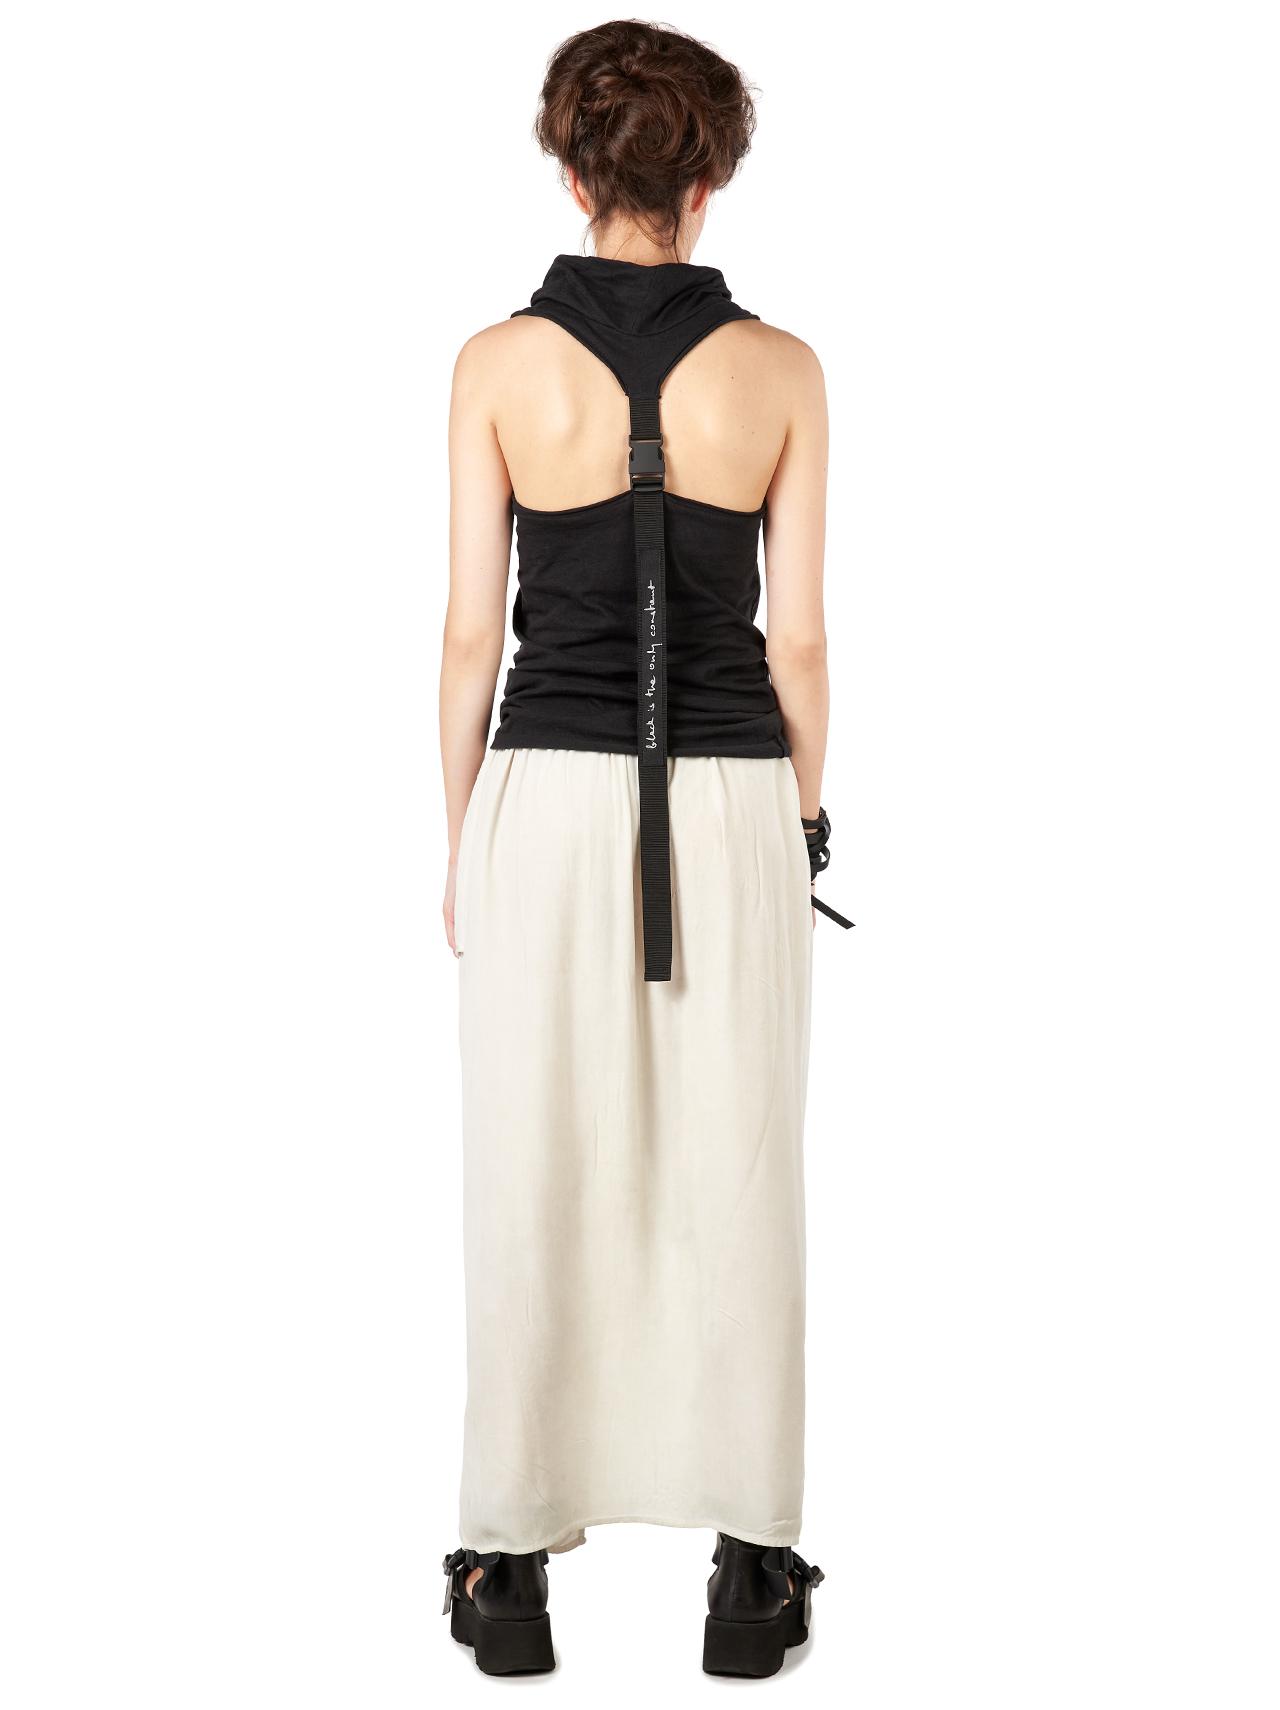 FRIVOLA skirt